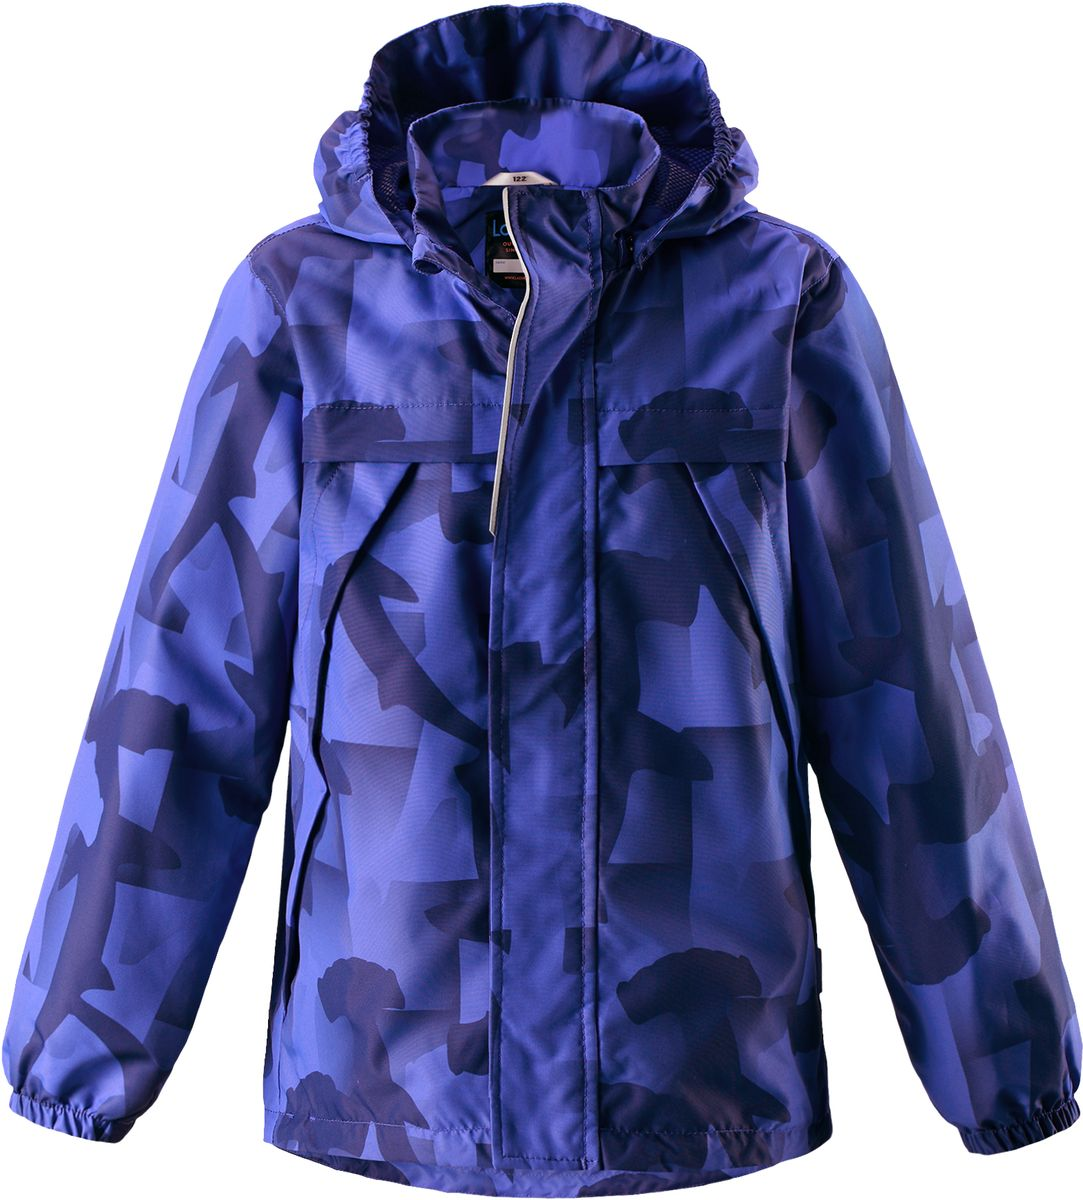 Куртка для мальчика Lassie, цвет: синий. 721707R6691. Размер 116721707R6691Легкая и удобная куртка для мальчиков на весенне-осенний период. Она изготовлена из водоотталкивающего и ветронепроницаемого, но при этом дышащего материала. Куртка снабжена дышащей и приятной на ощупь подкладкой на легком утеплителе, которая облегчает одевание. Съемный капюшон обеспечивает защиту от холодного ветра, а также безопасен во время игр на свежем воздухе! Благодаря регулируемому подолу эта модель свободного покроя отлично сидит по фигуре. Снабжена множеством продуманных элементов, например, передними карманами и эластичными манжетами.